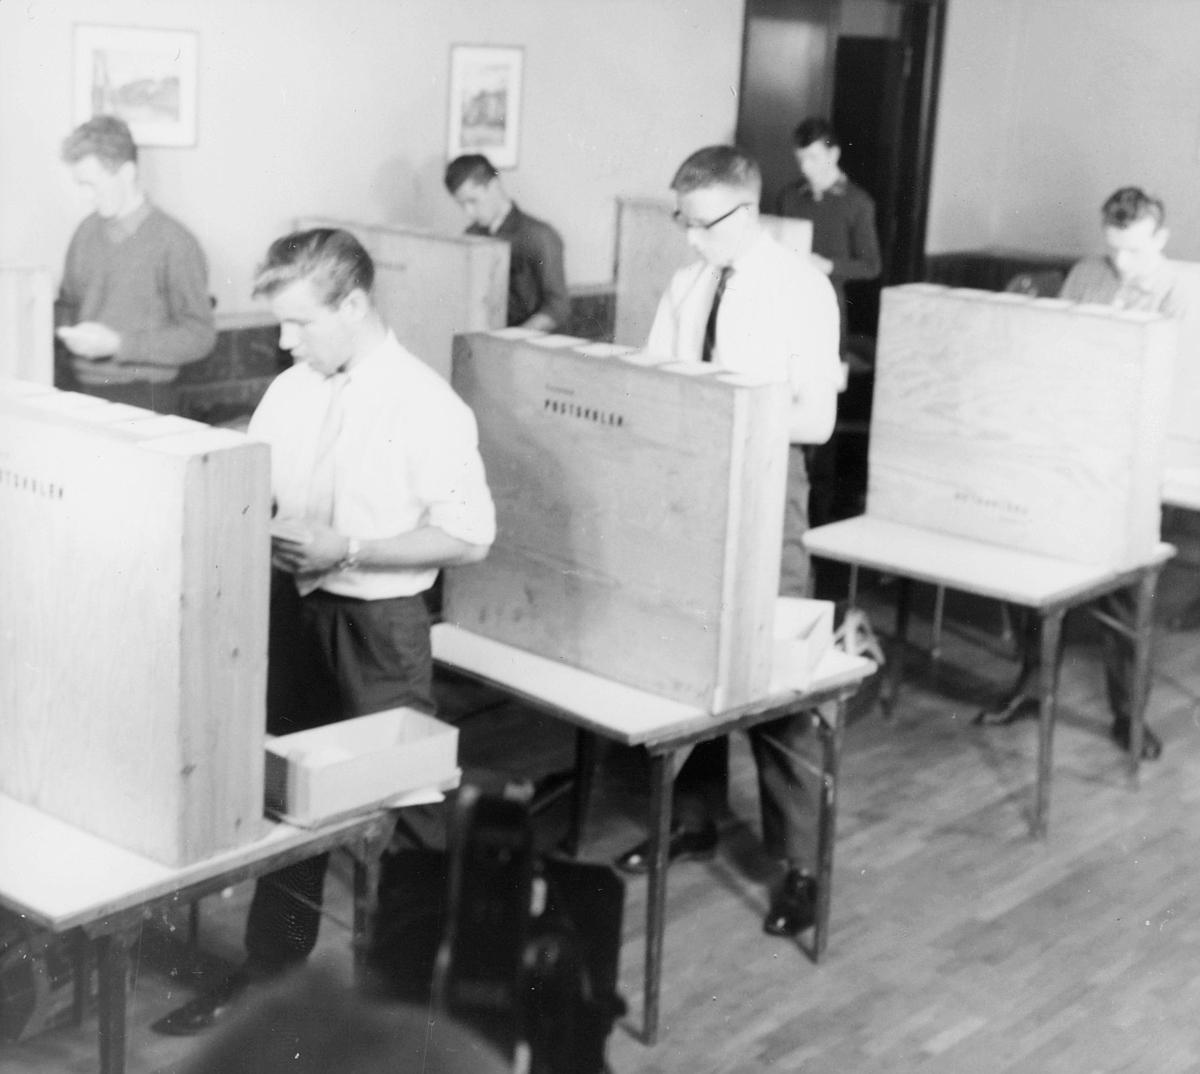 postskolen, interiør, brevsortering, 6 menn